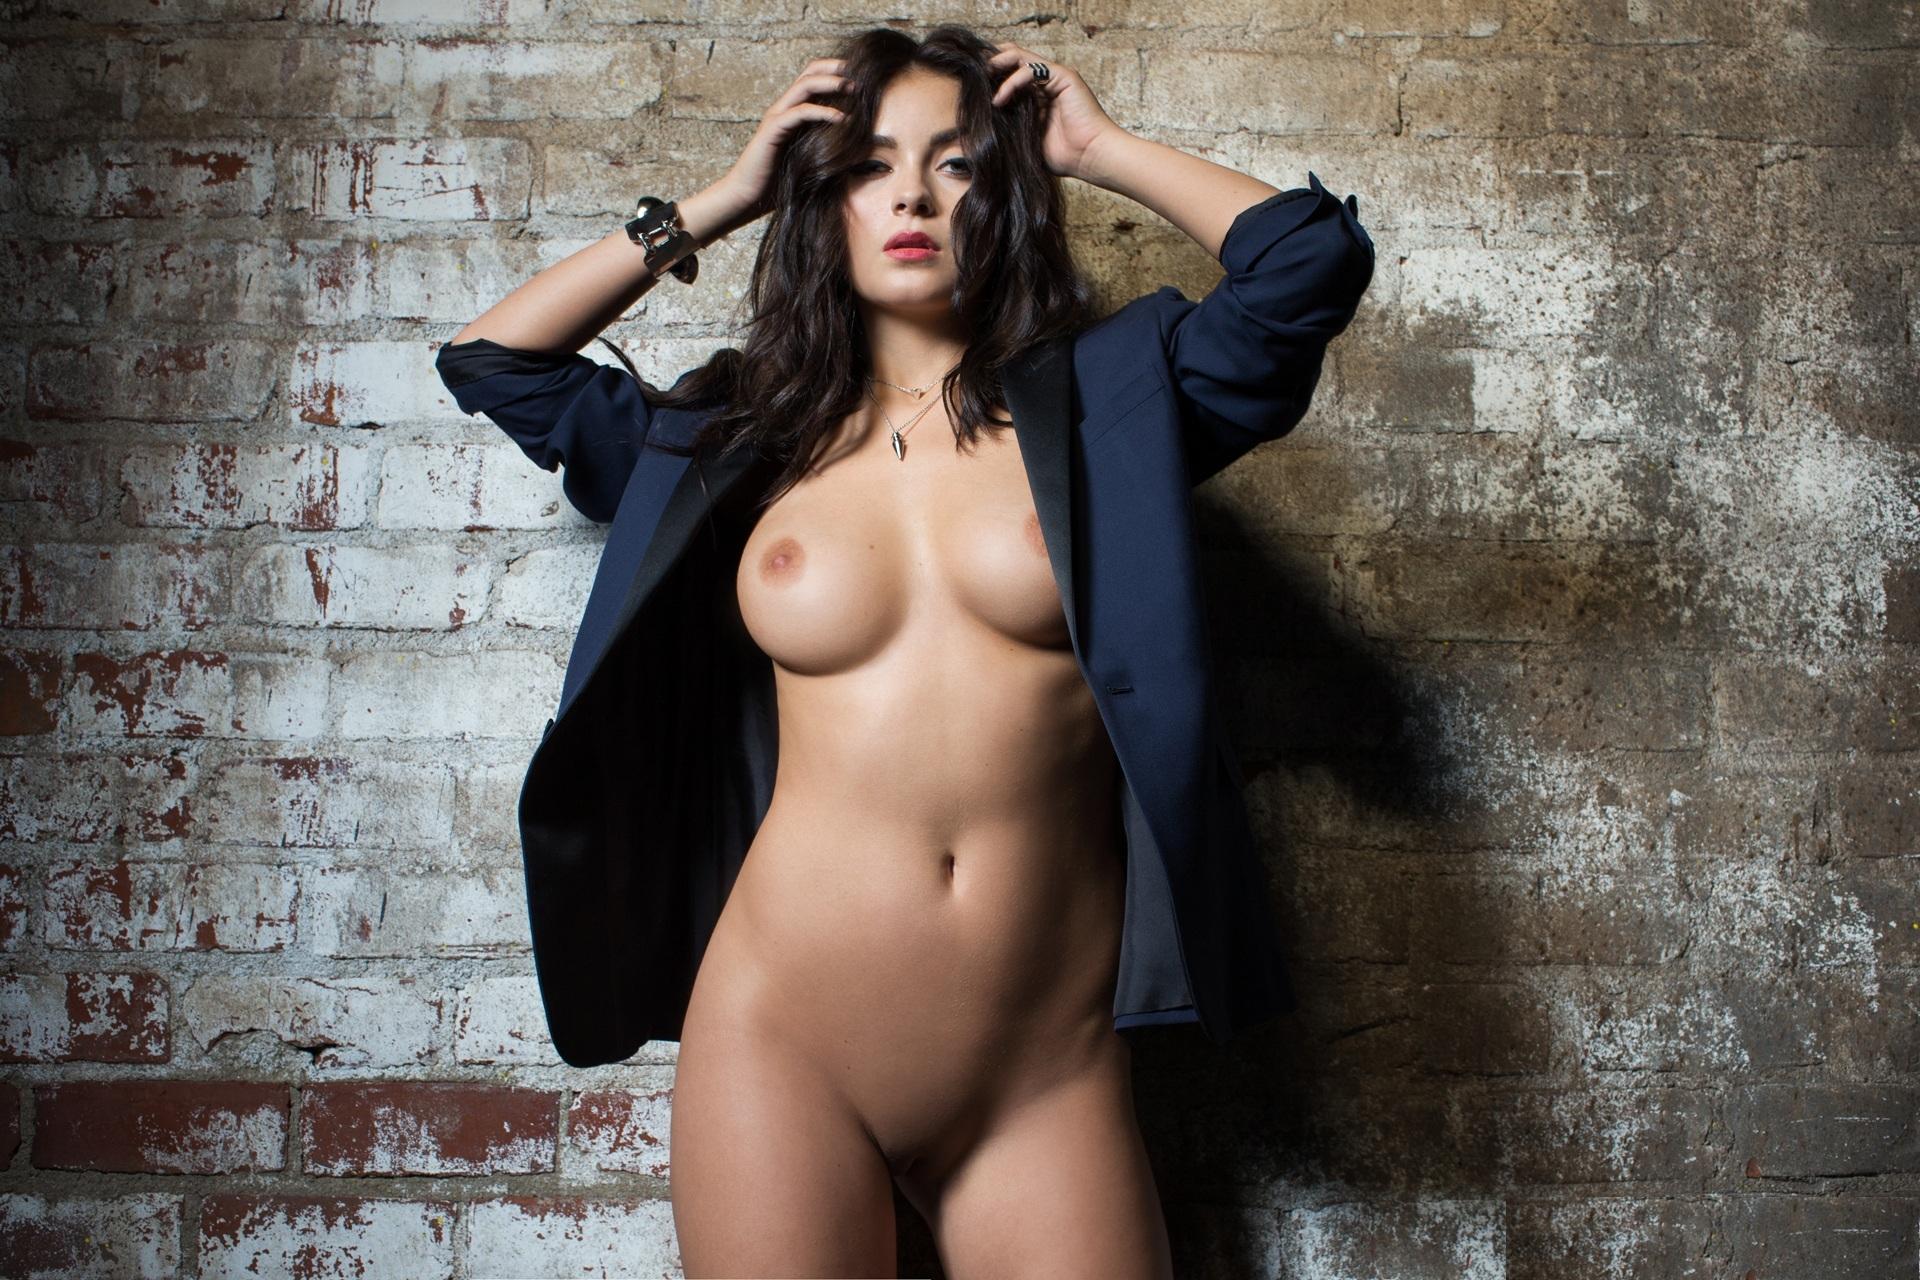 эротические фотосессии обнаженных моделей для мужских журналов дно